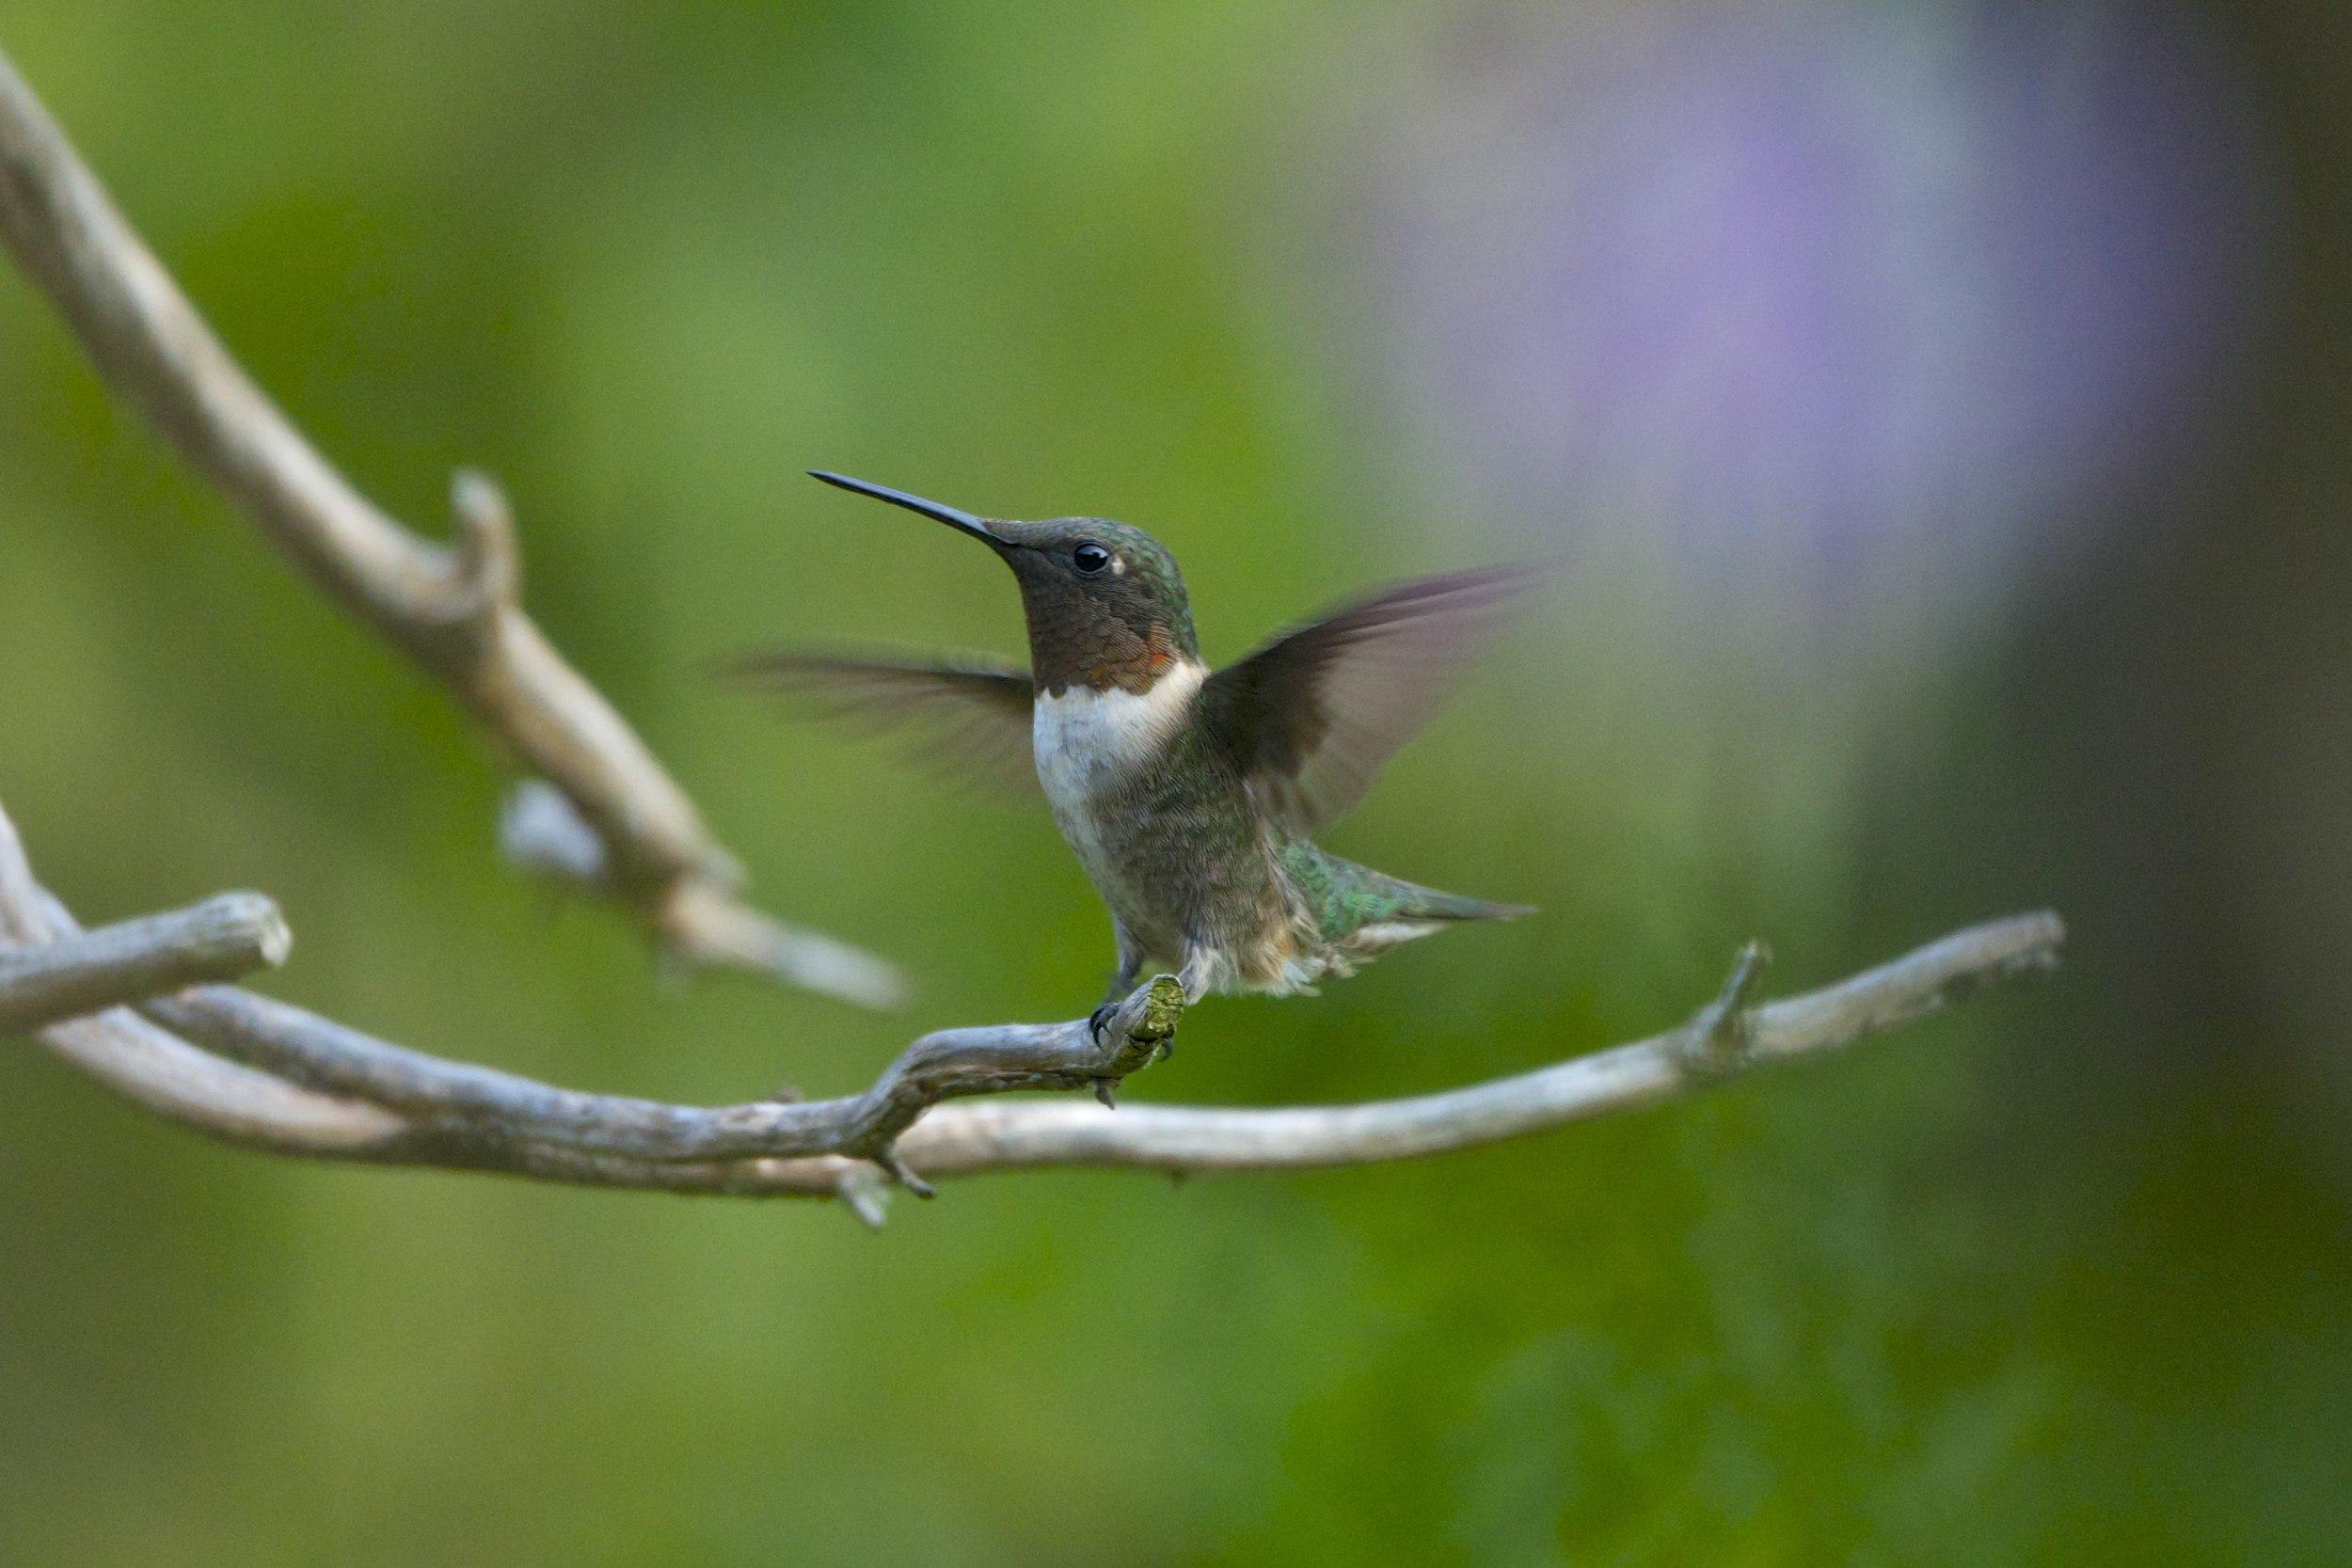 Ruby-throated Hummingbird-Male